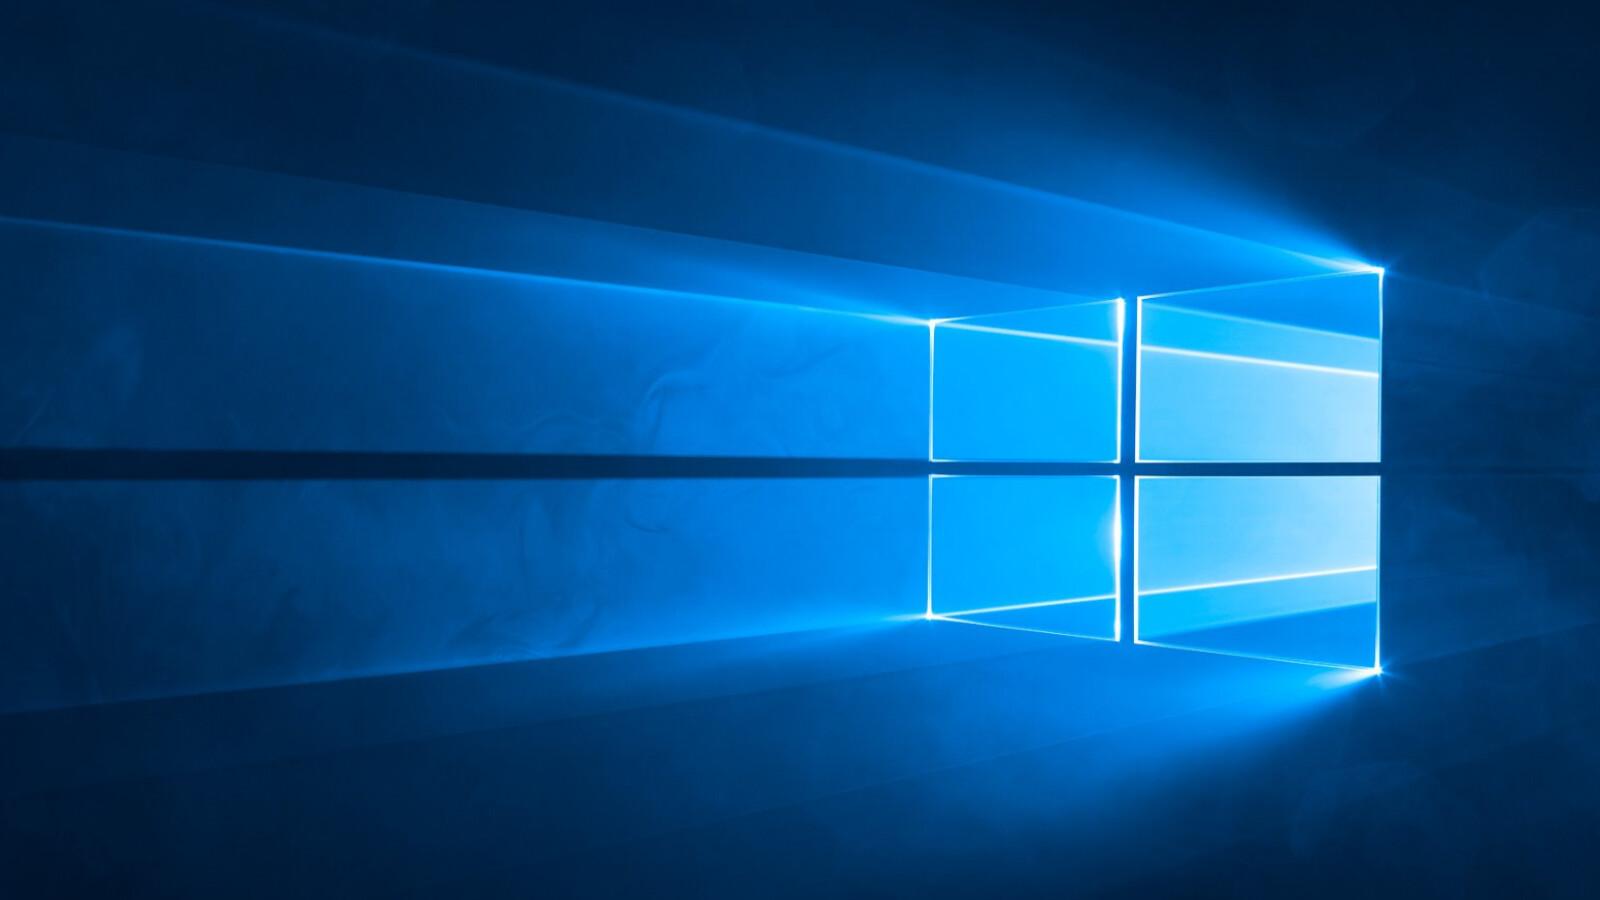 Windows 10 wird sicherer: Microsoft kündigt Kernel Data Protection an